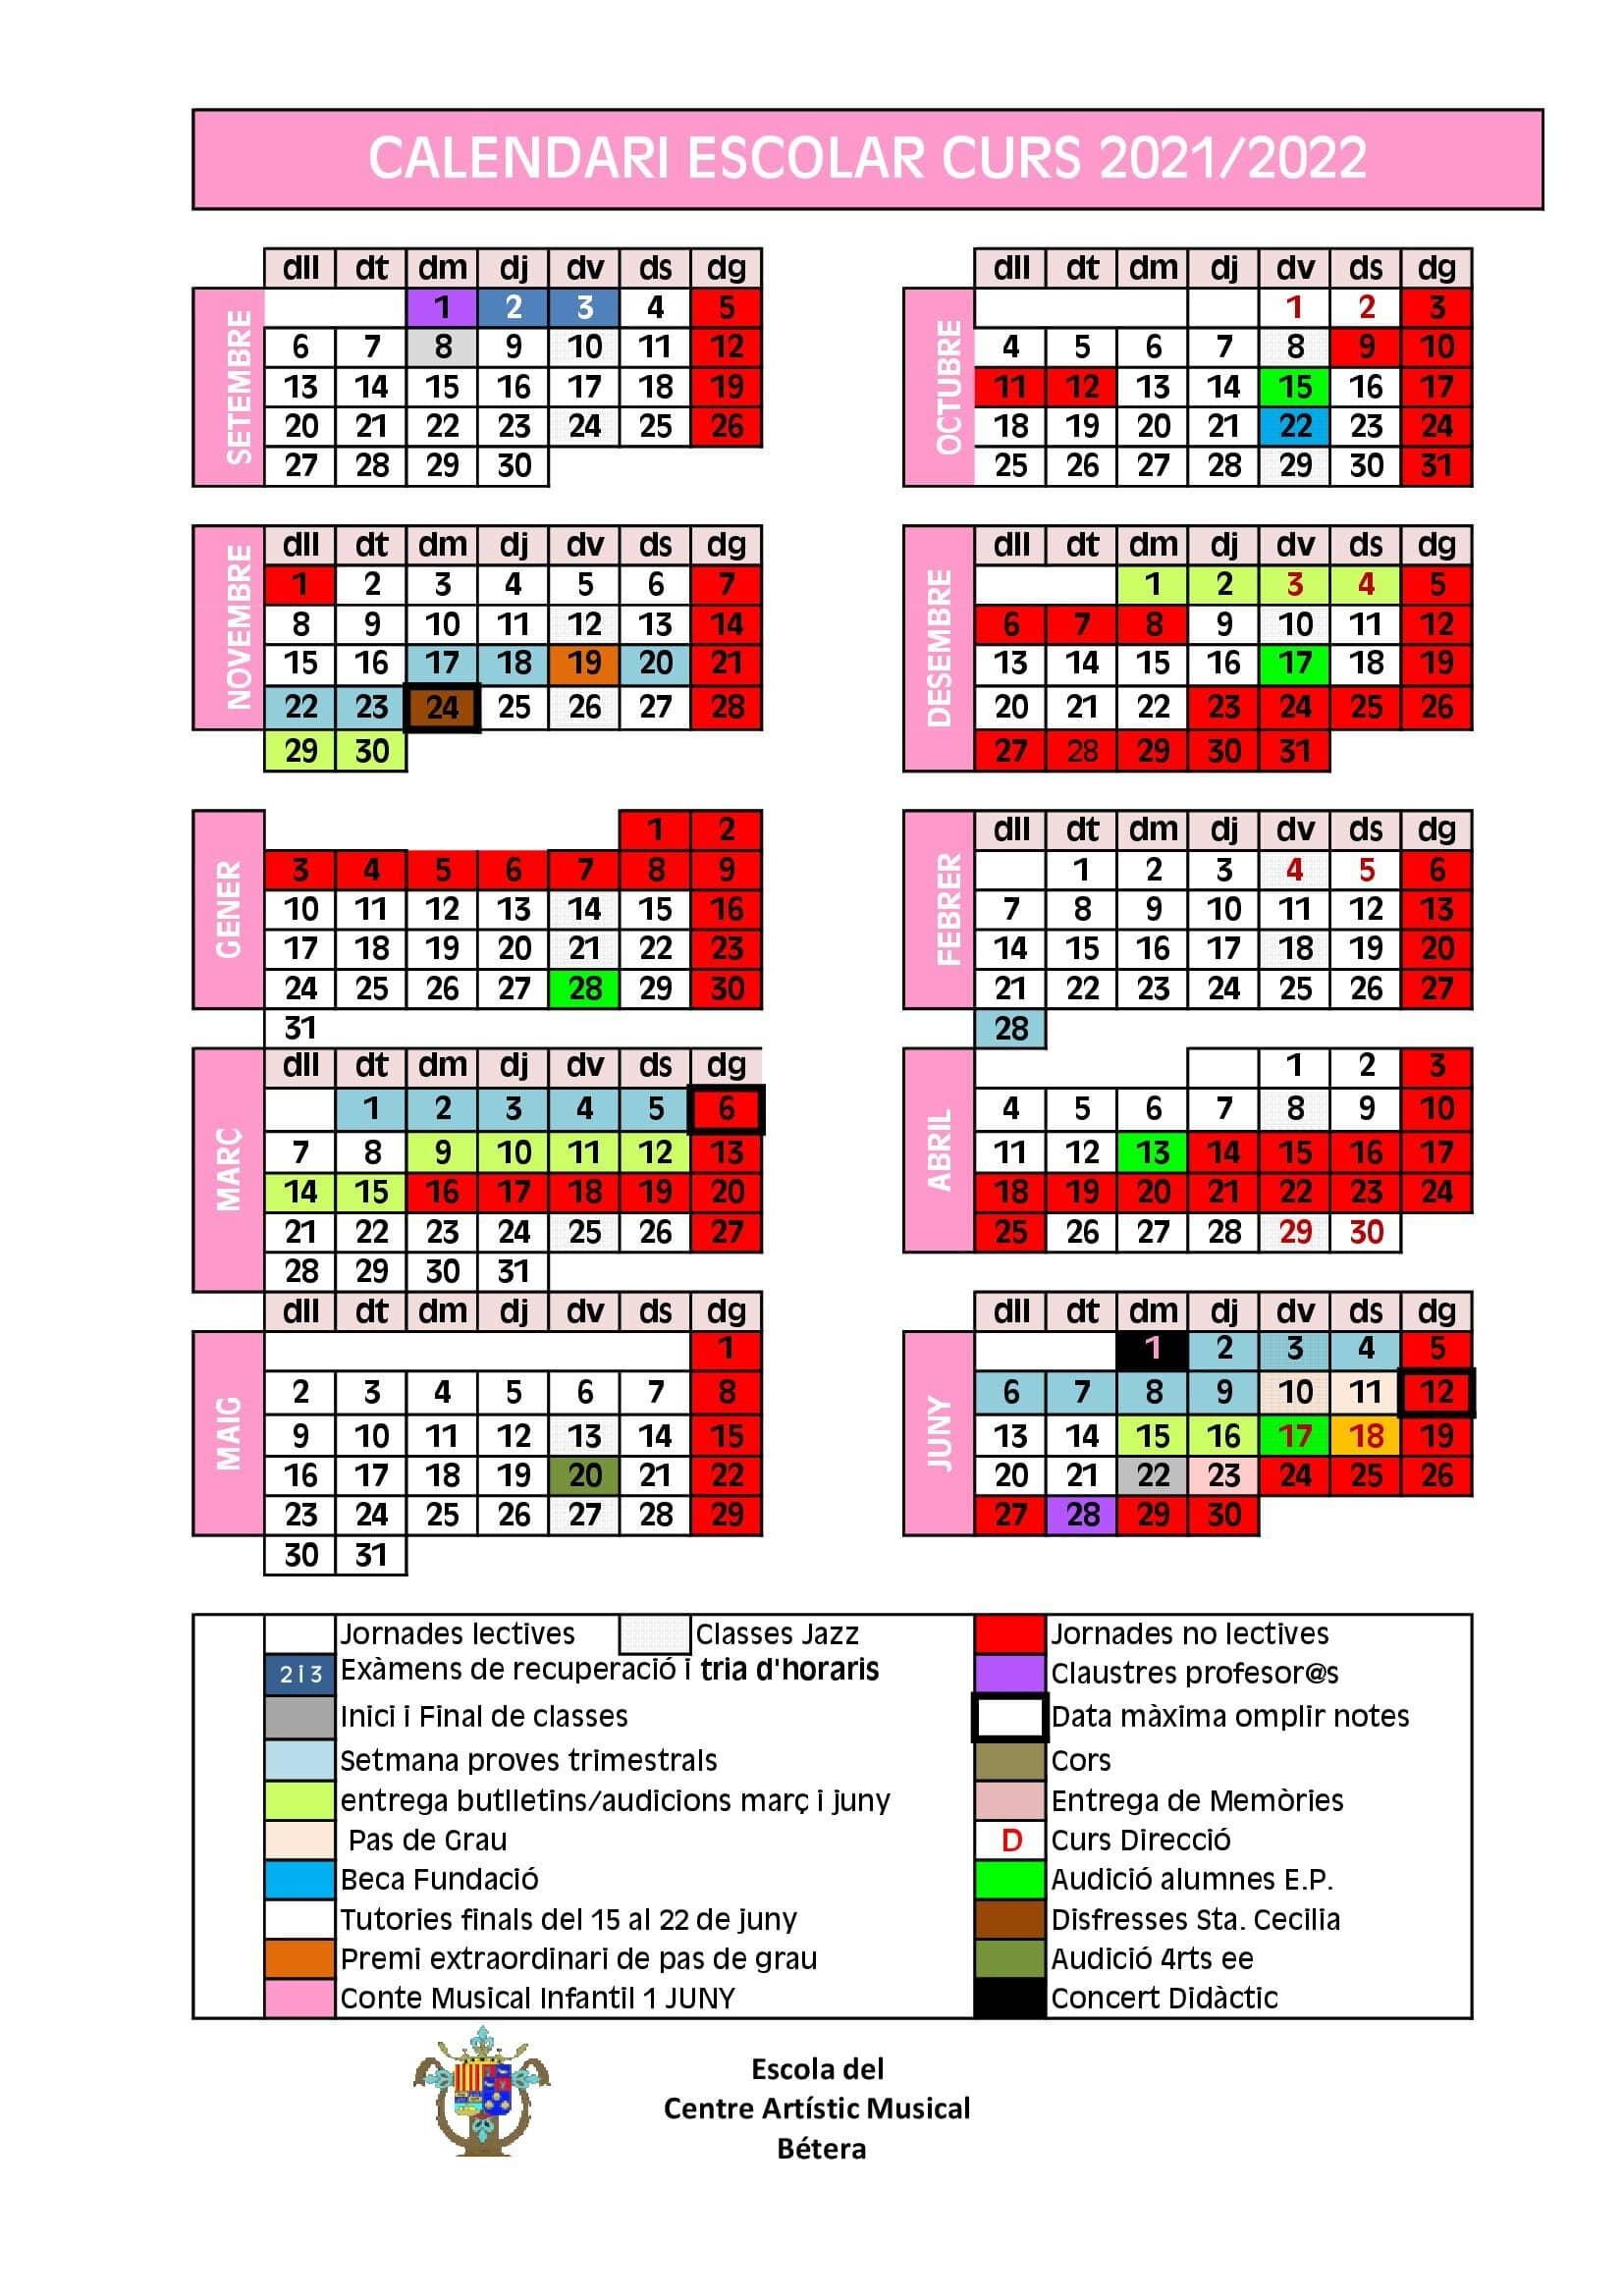 Calendari Escolar CALENDARIO ESCOLAR CURSO 2021 2022